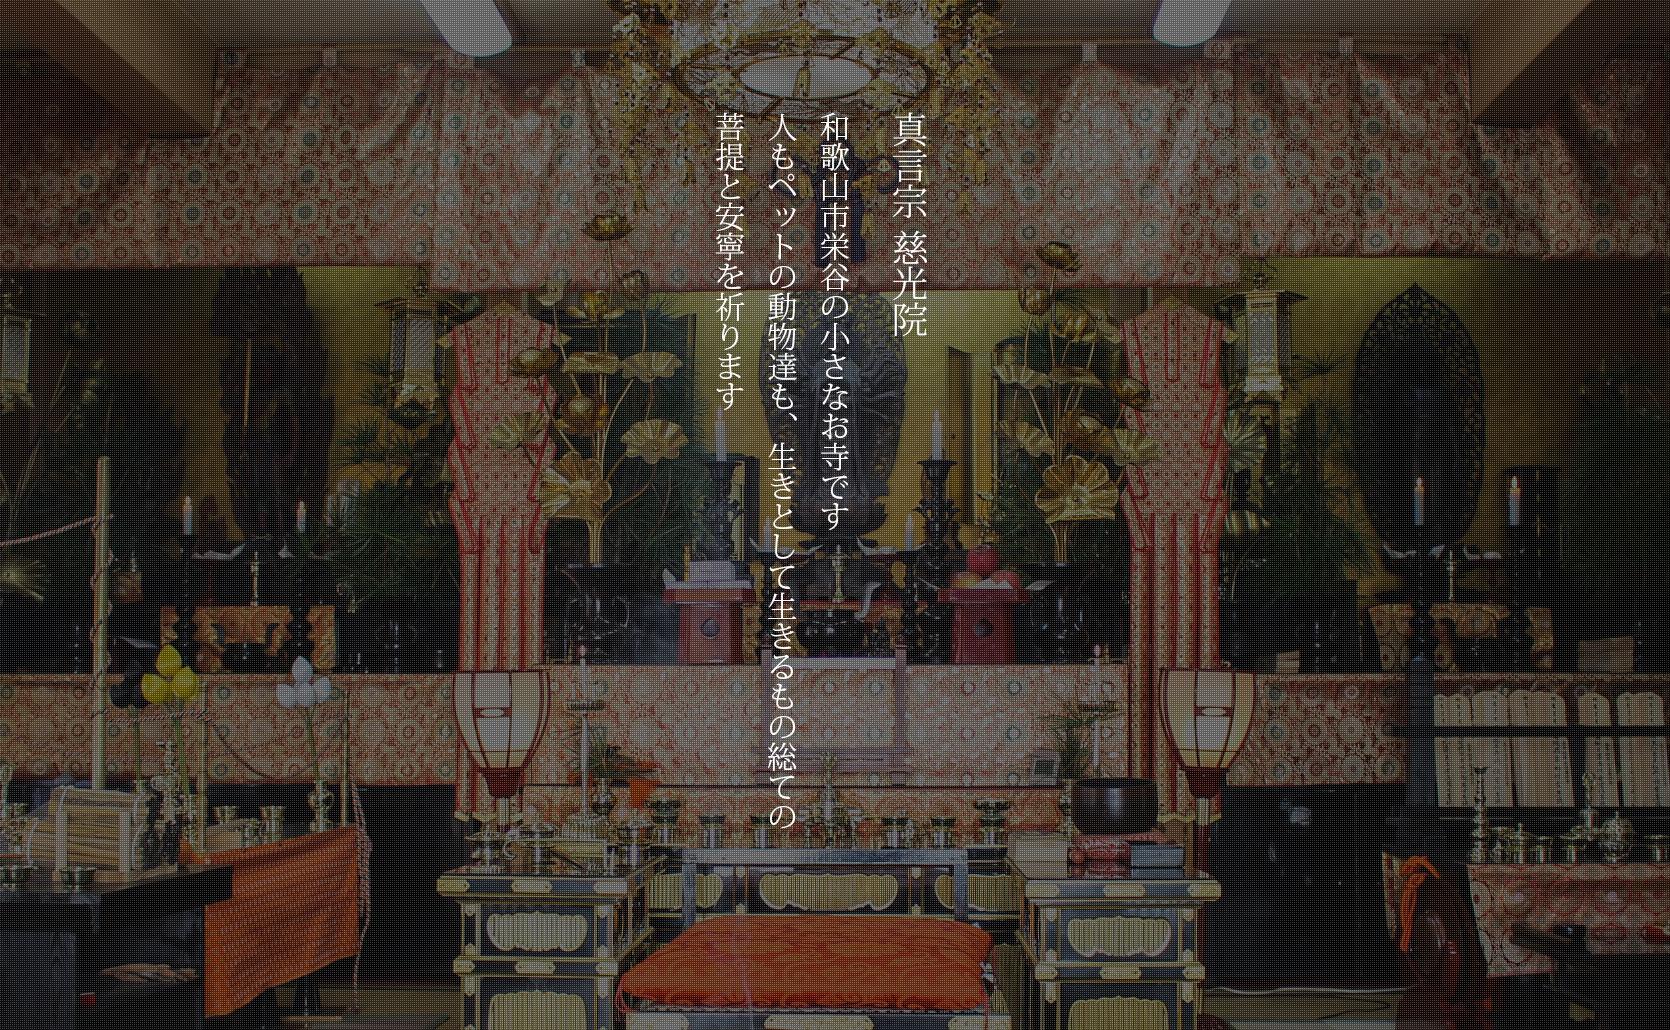 和歌山の真言宗派寺院・慈光院